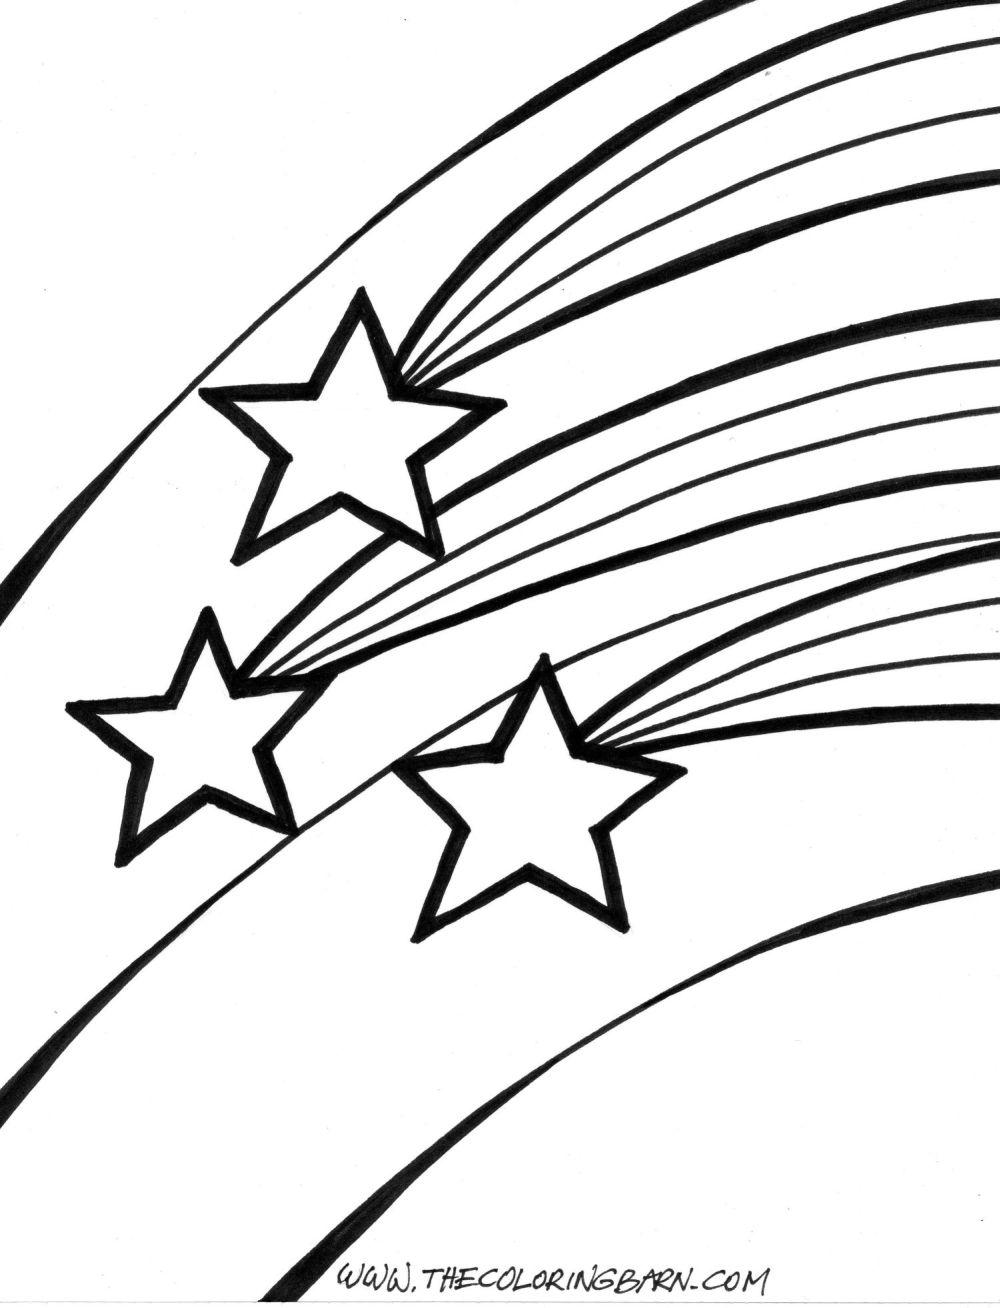 Falling Stars clipart star outline Star Free Art  Star